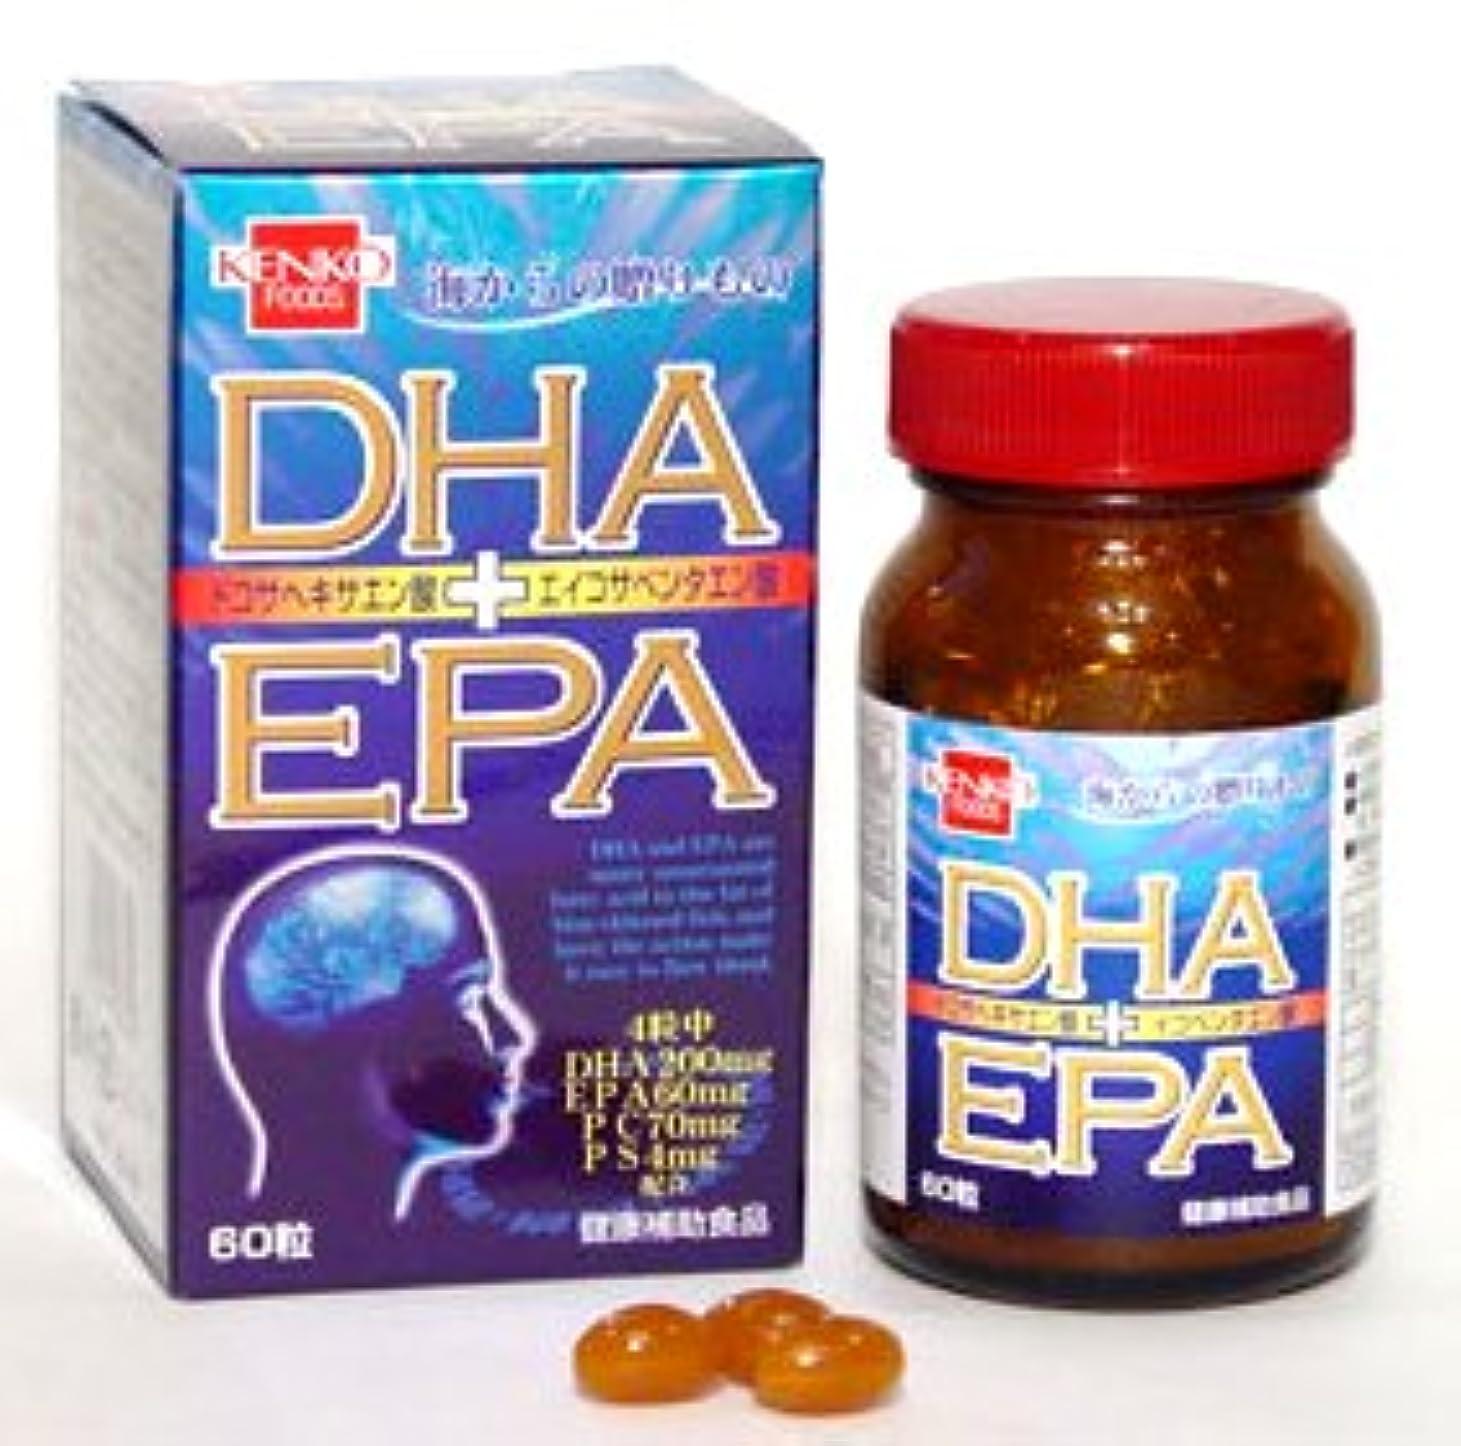 マキシム疑わしい出くわすDHA?EPA(単品)健康フーズ